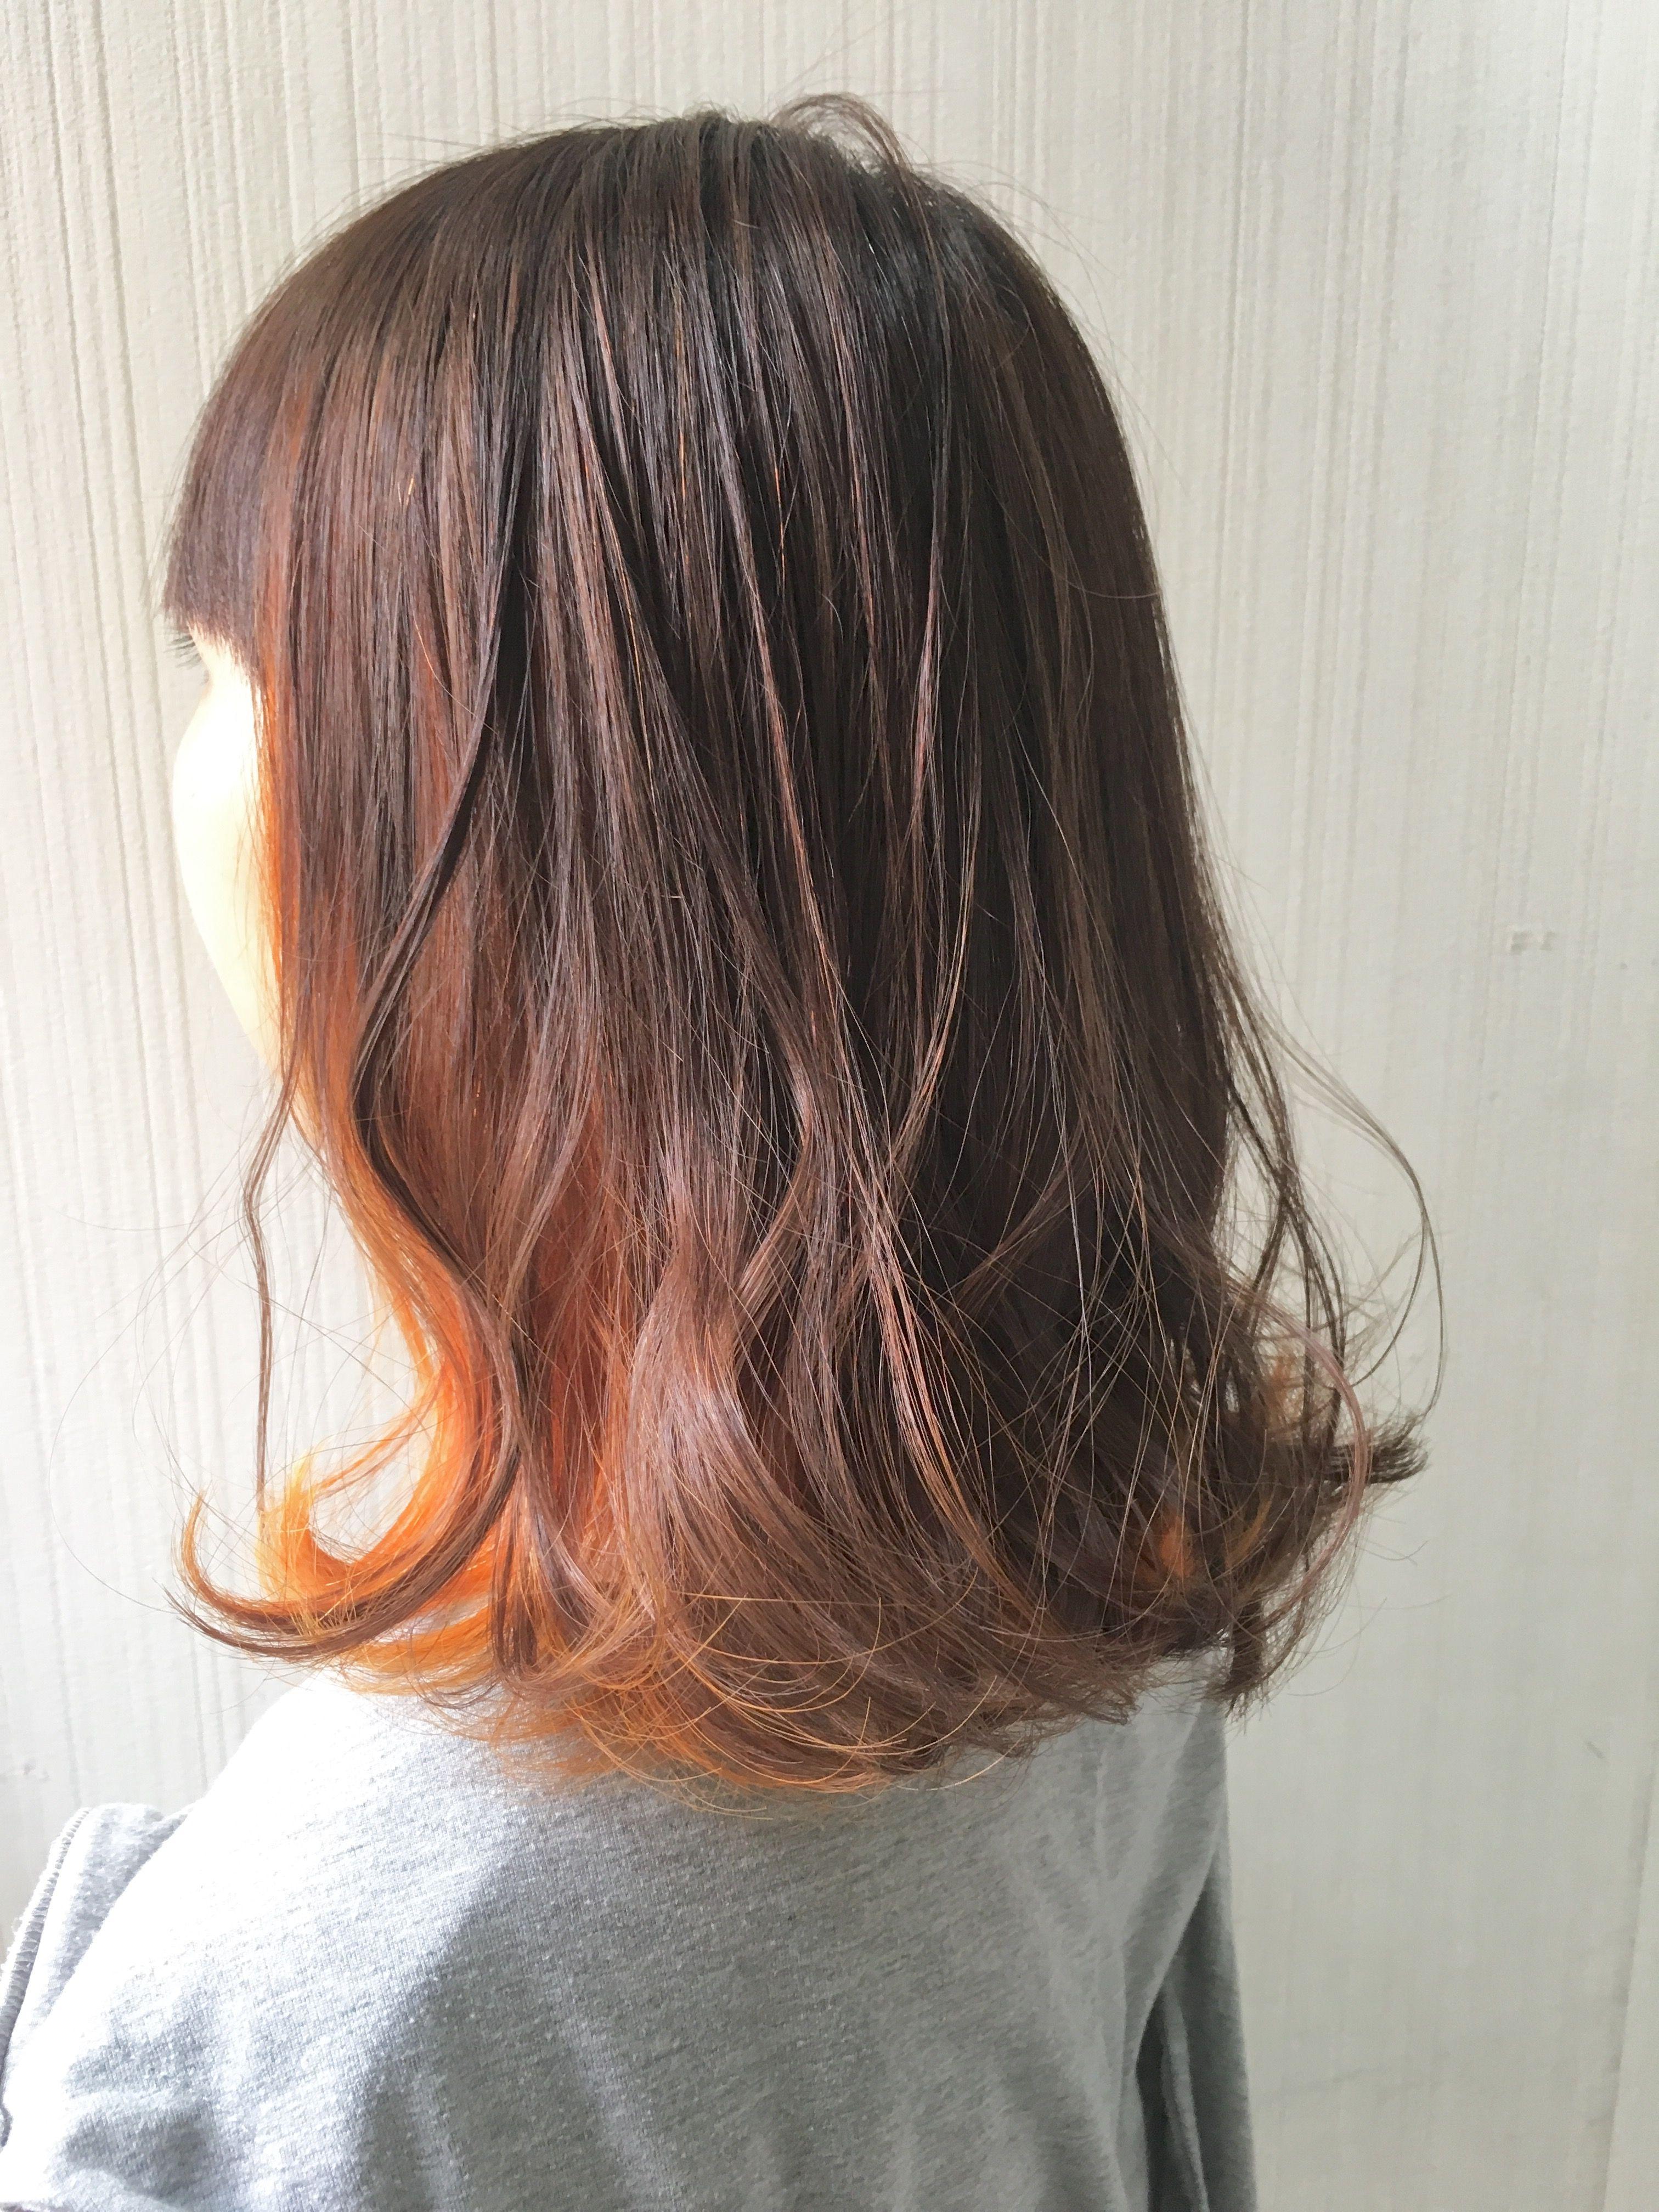 インナーカラー オレンジ ベージュ 髪色 オレンジ オレンジ ヘアカラー 髪 色